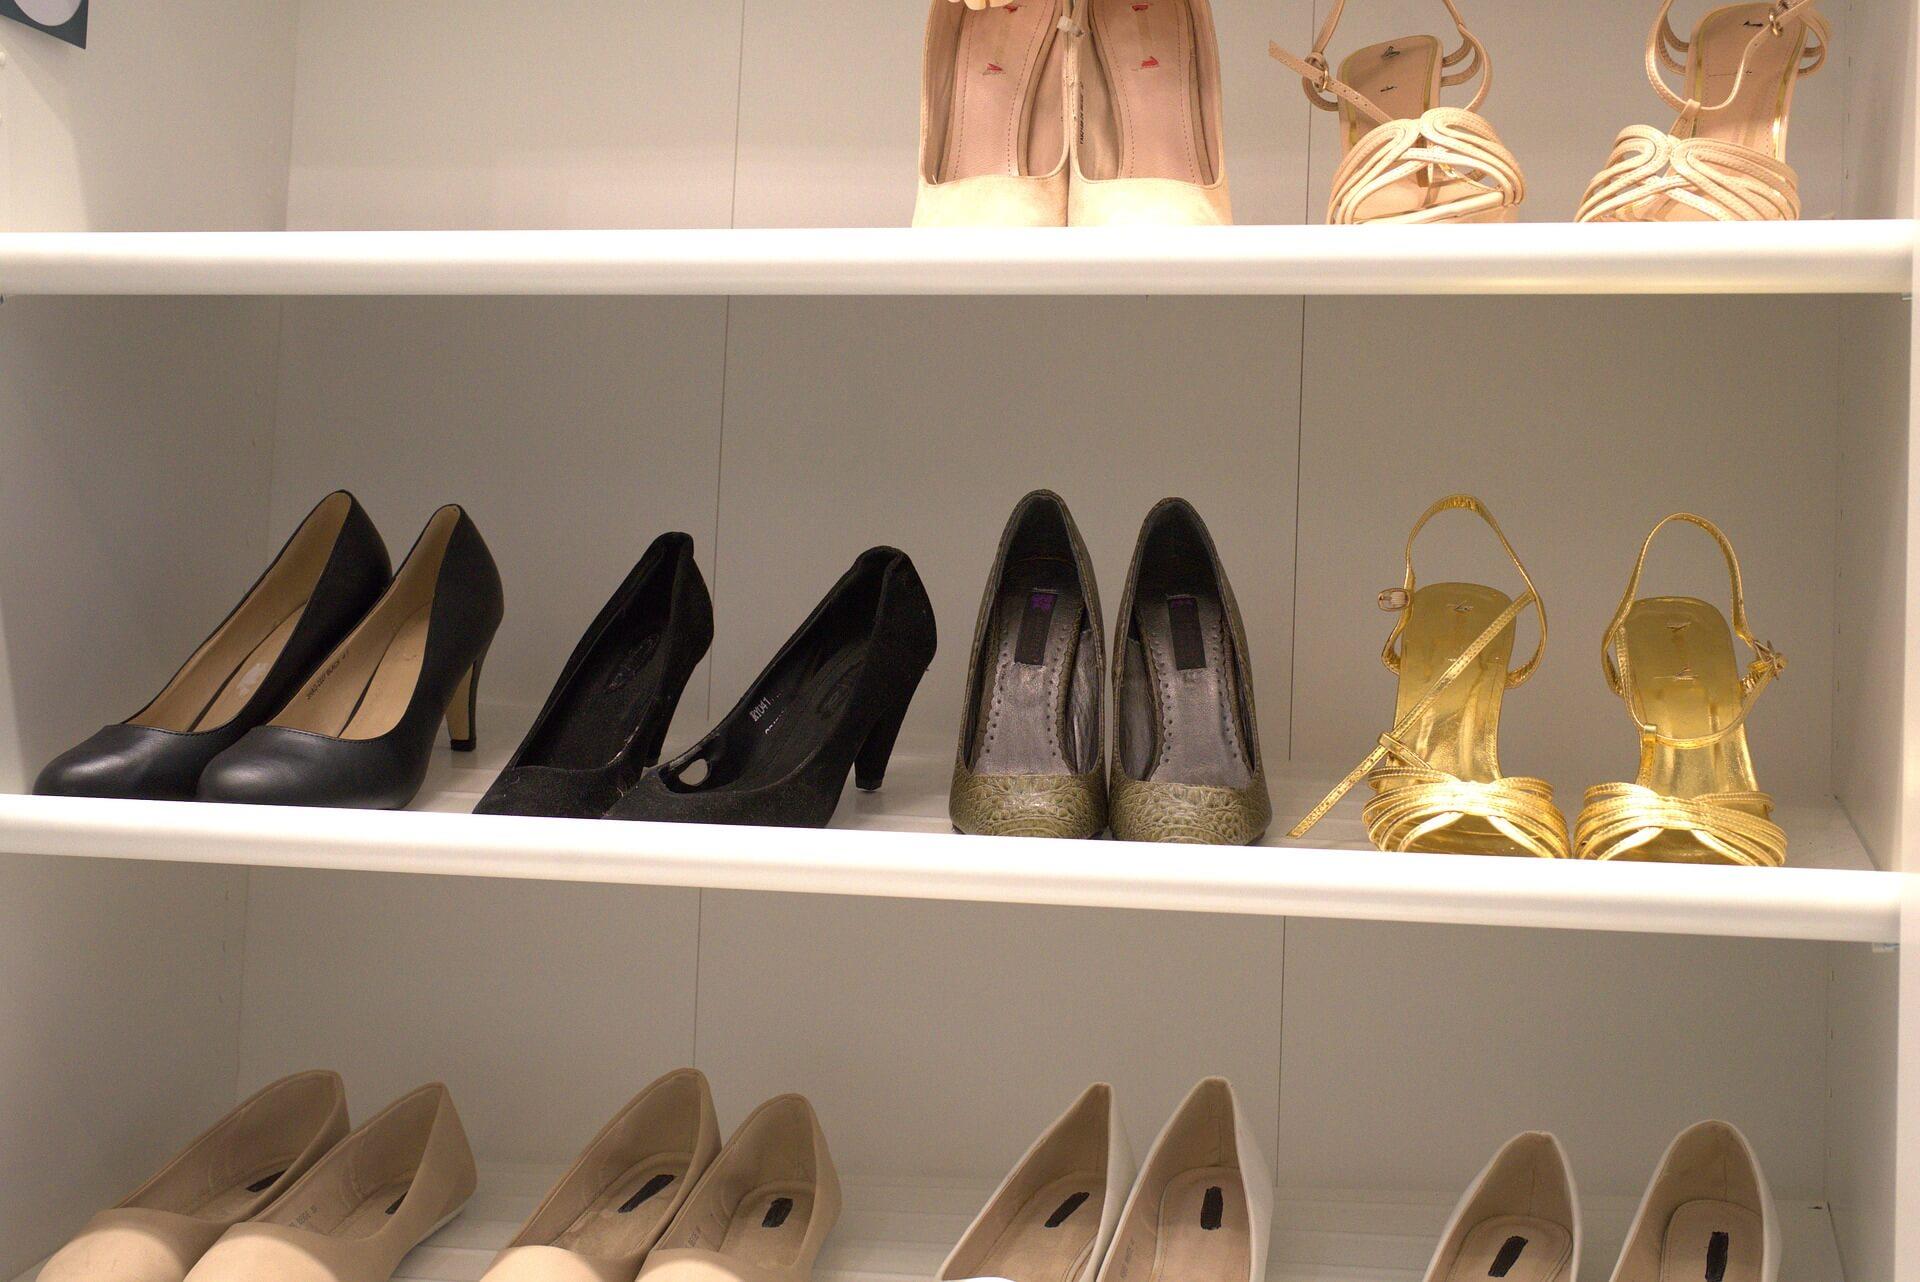 【女性向け】ビジネスプロフィール写真で印象を良くする靴の選び方1